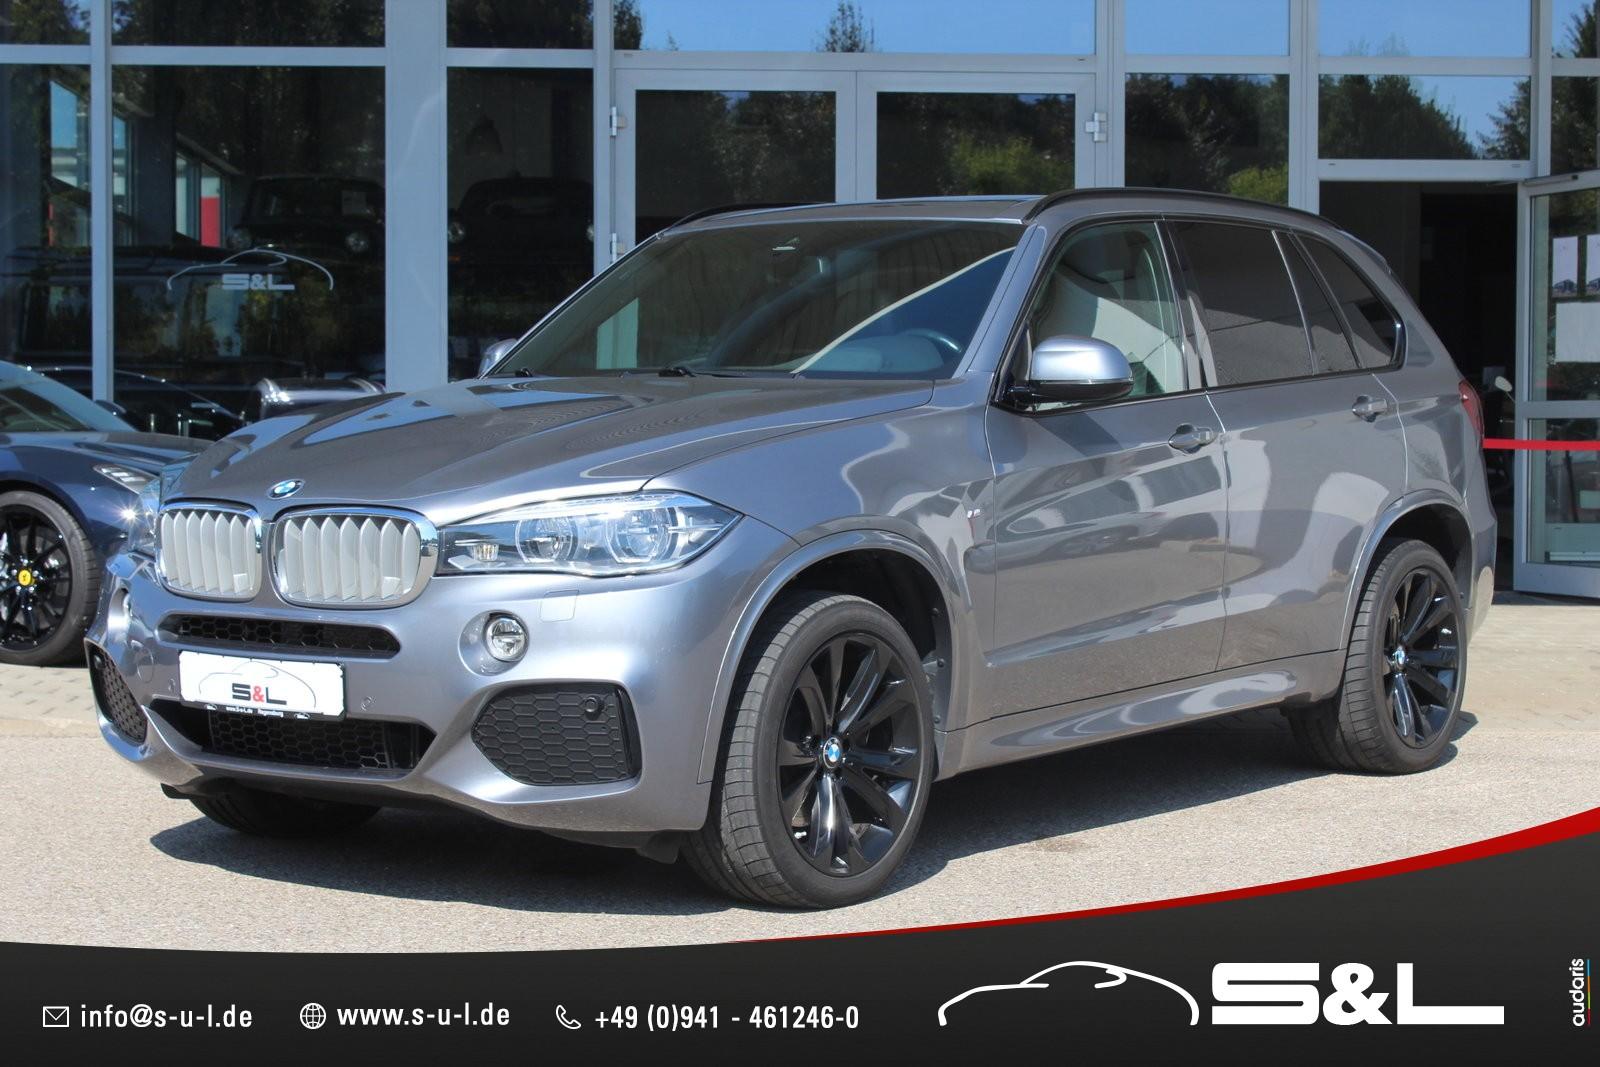 BMW X5 xDrive40d M Sport/Dakota/Pano/LED/HUD/Fondent, Jahr 2016, Diesel